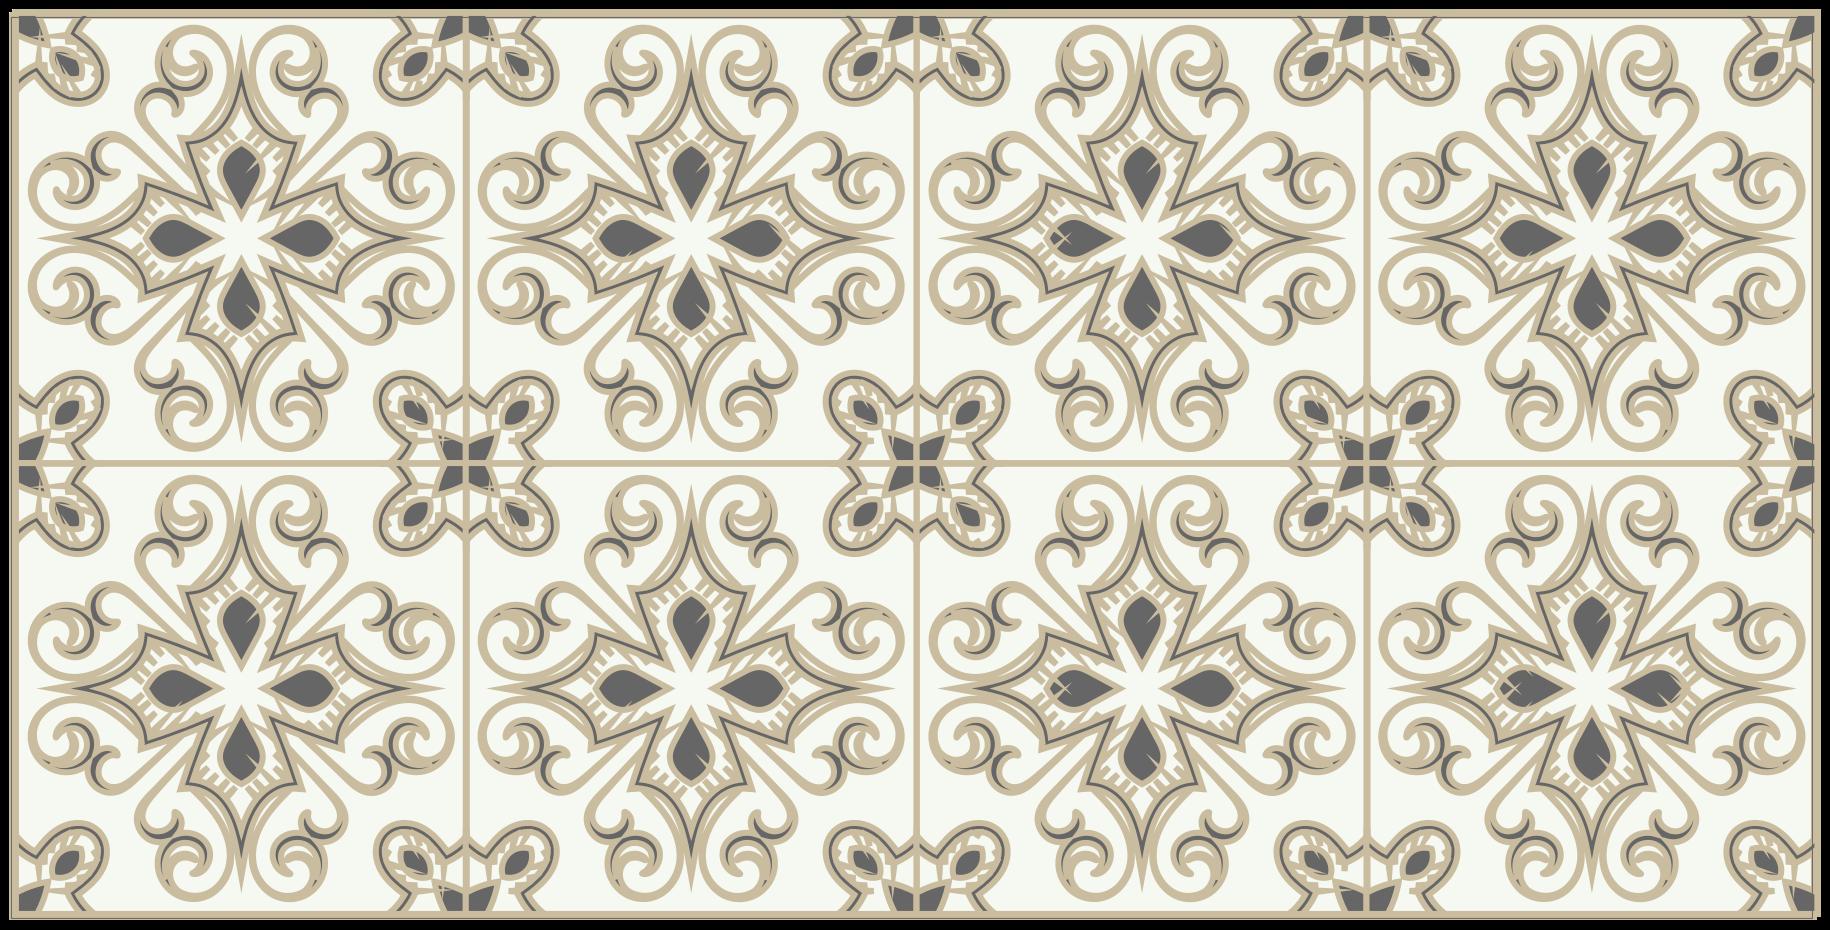 TenStickers. Moderne vinyl tapijt Marokkaanse stijl met bloemen modern vinyl t. Marokkaanse bloemen vinyl vloerkleed met witte bloemen tegels, perfecte decoratie voor uw keuken. Gemaakt van hoogwaardig vinyl en gemakkelijk schoon te maken en op te bergen. Bekijken!